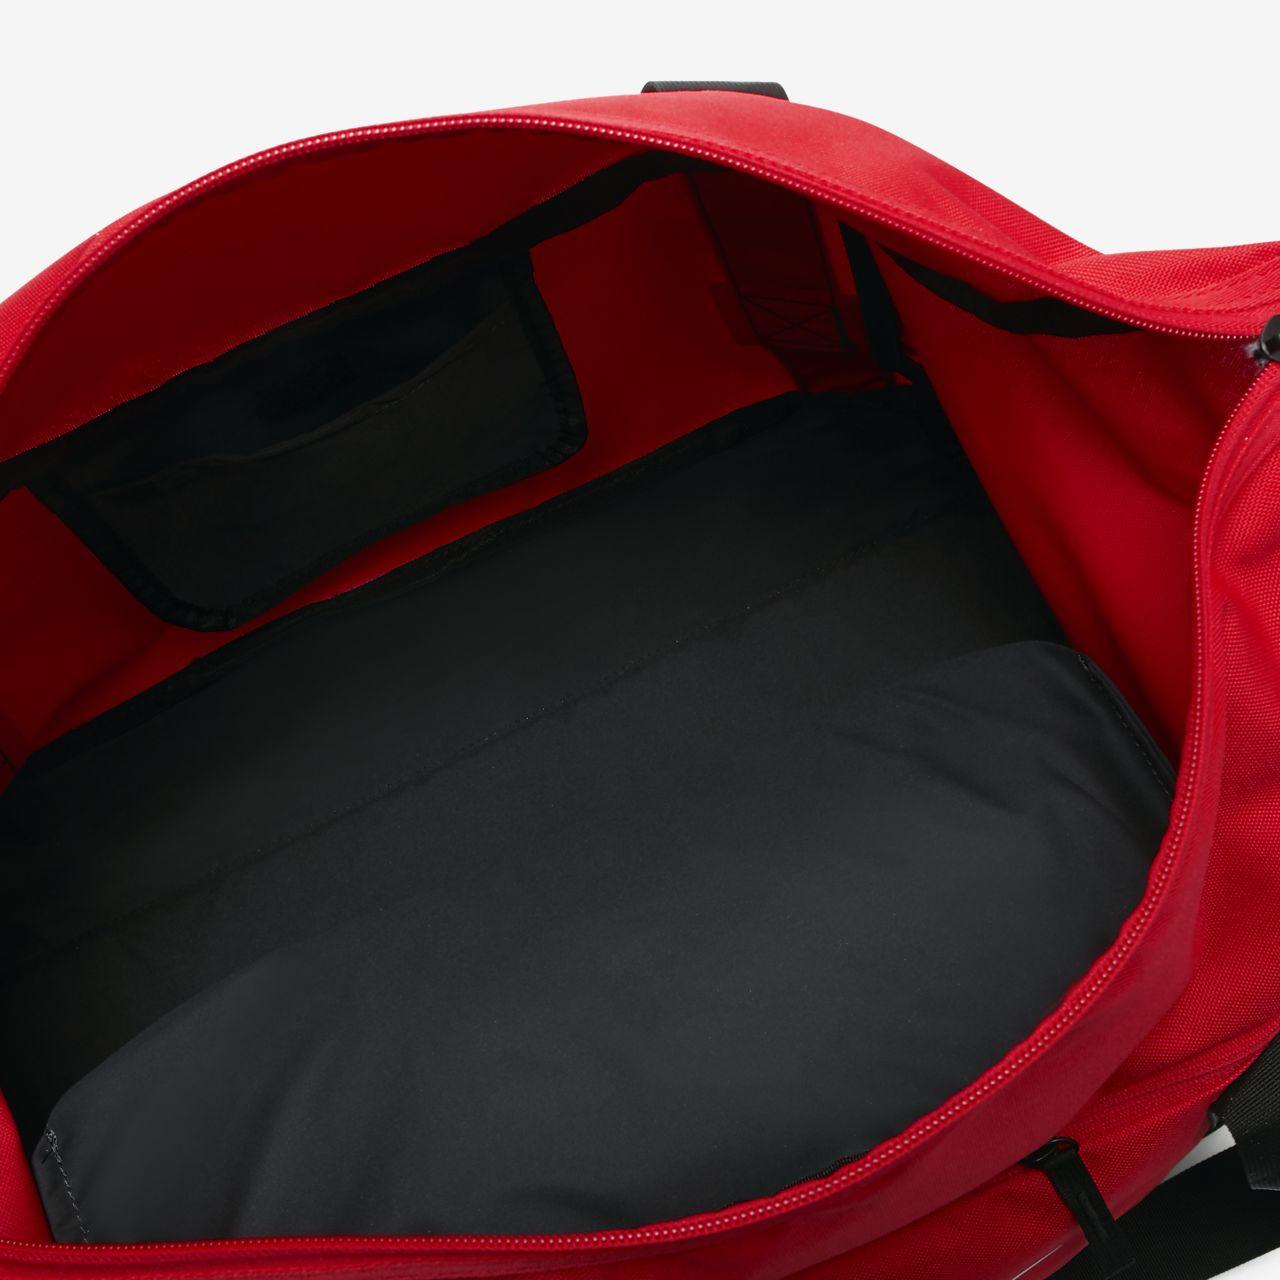 f6dac0db5b484 Nike Academy Team Football Duffel Bag (Medium). Nike.com GB